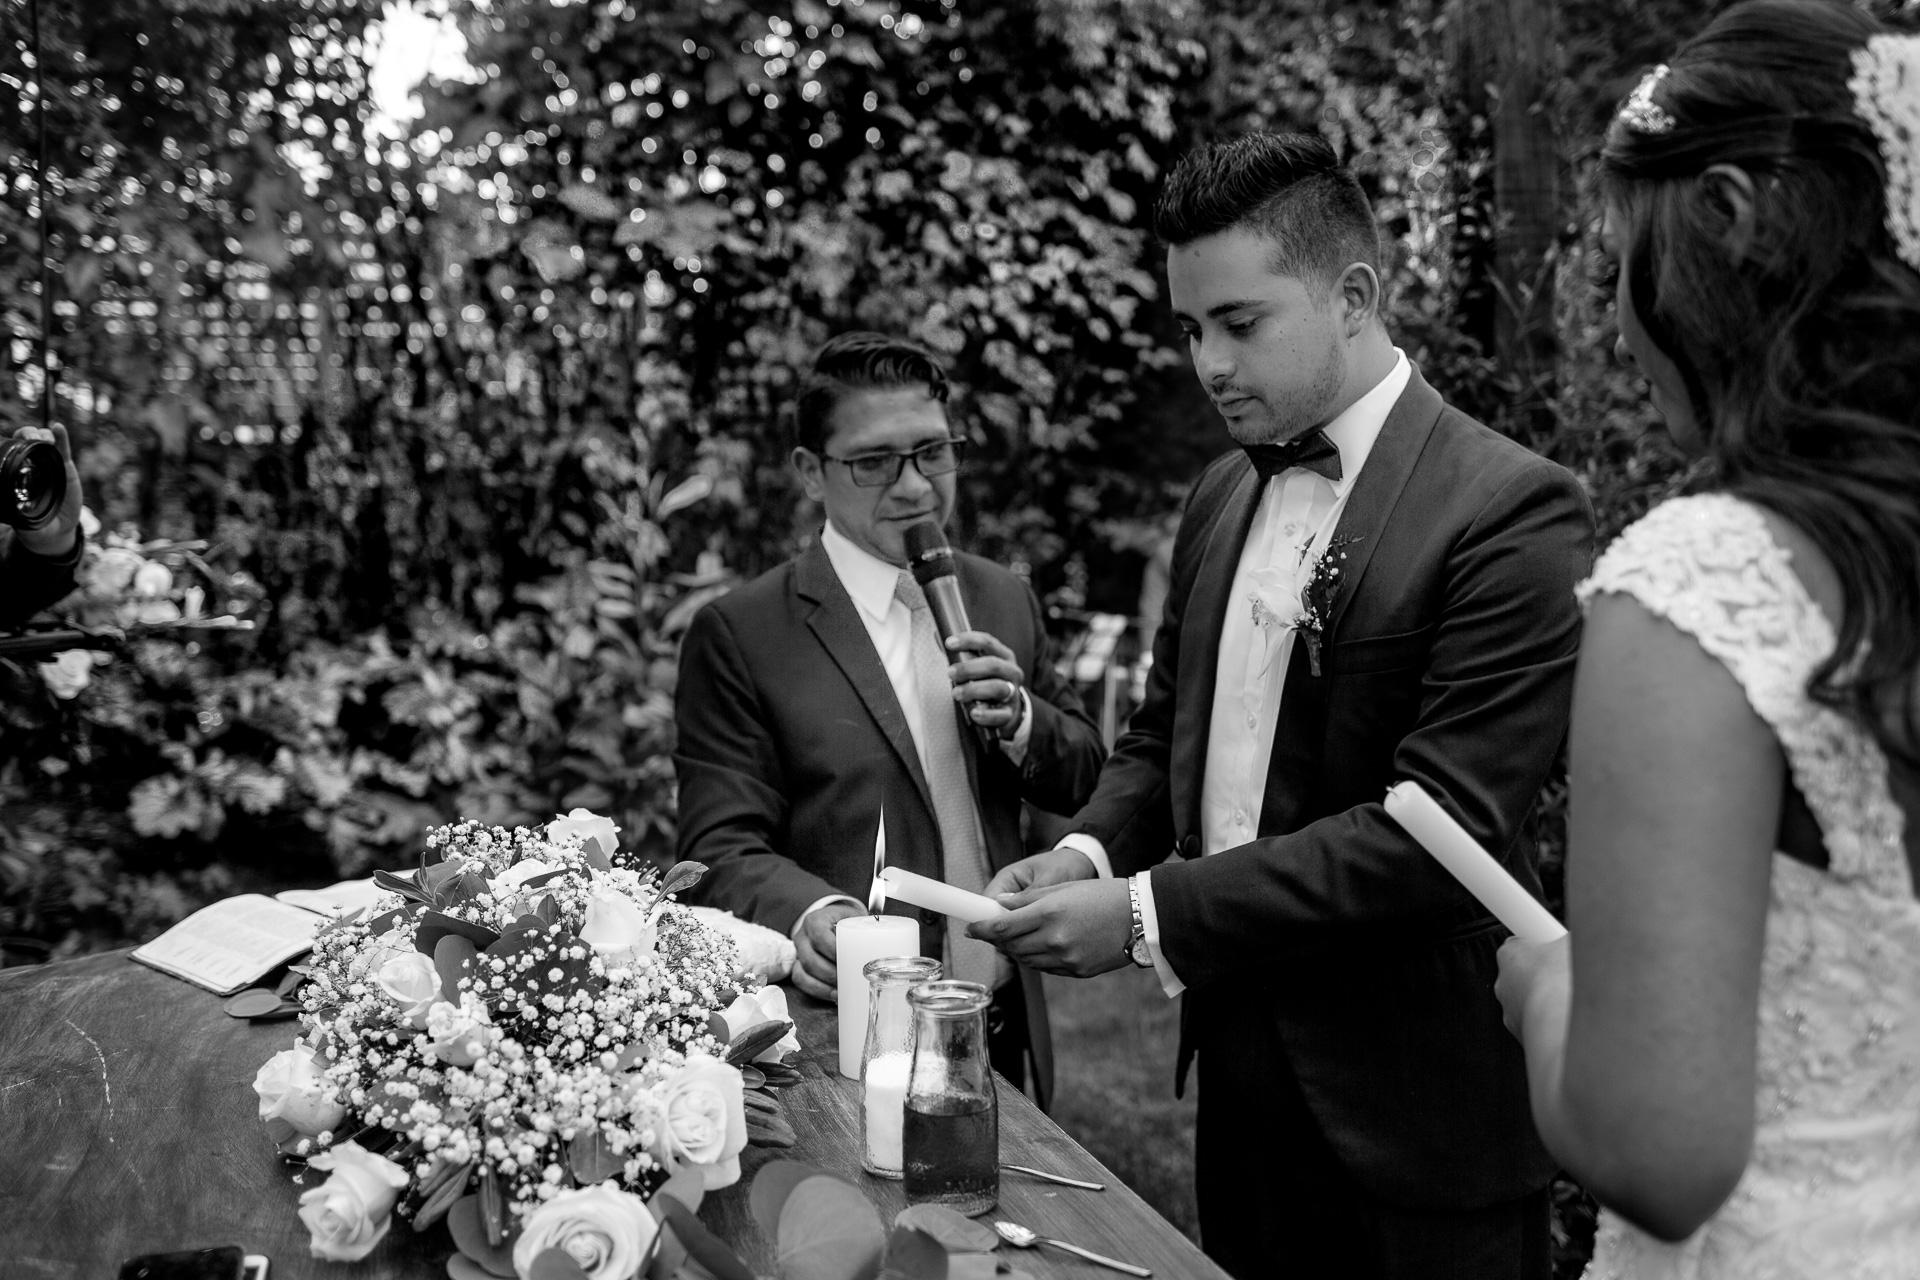 Fotógrafos-de-bodas-en-Colombia-Alejandro-y-Angelica-24 ALEJANDRO + ANGELICA